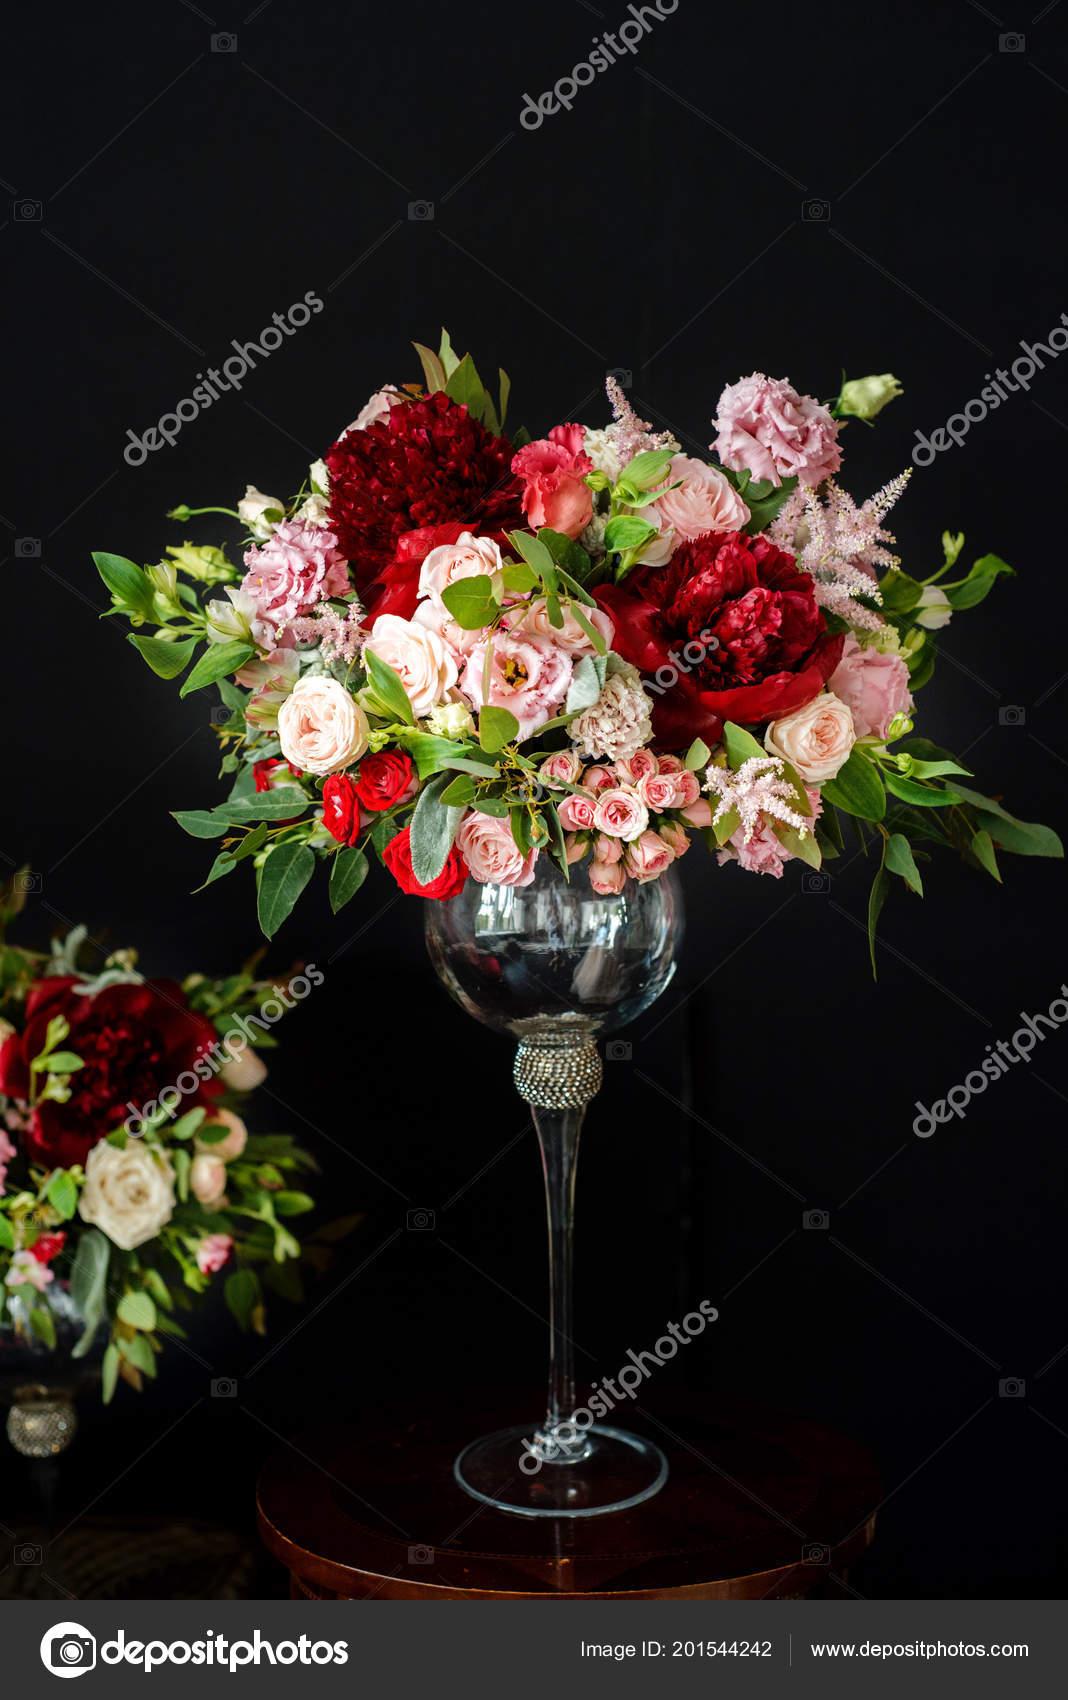 Hochzeitsblumen Glasvasen Schwarzer Hintergrund Rot Und Lila Rosen